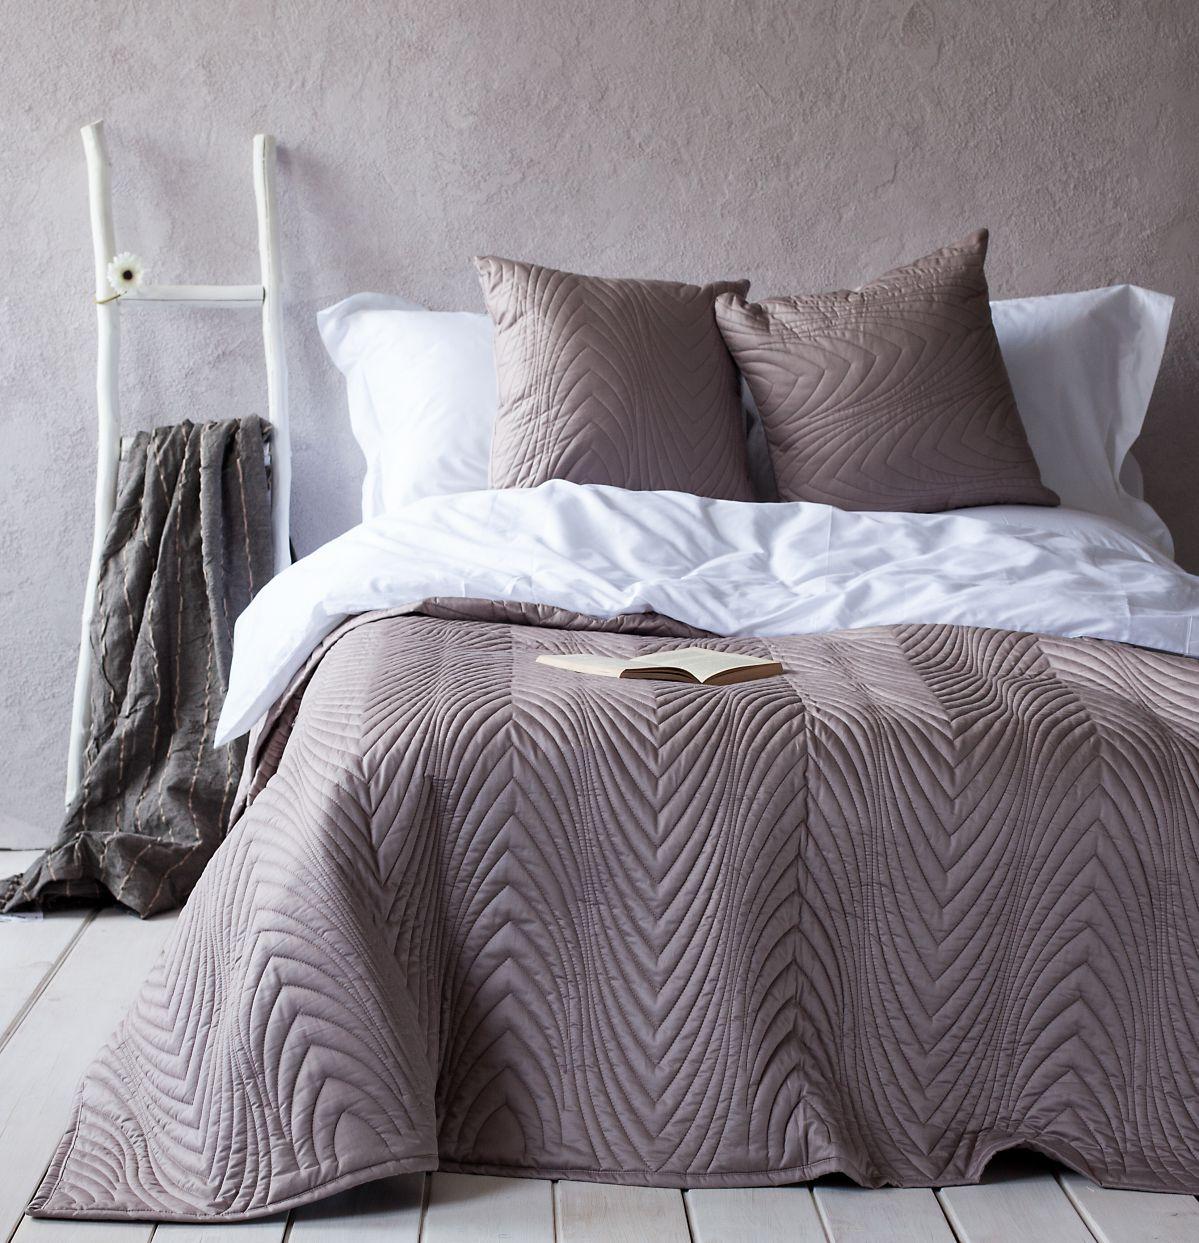 Покрывала для спальни: красивая упаковка кровати (27 фото)